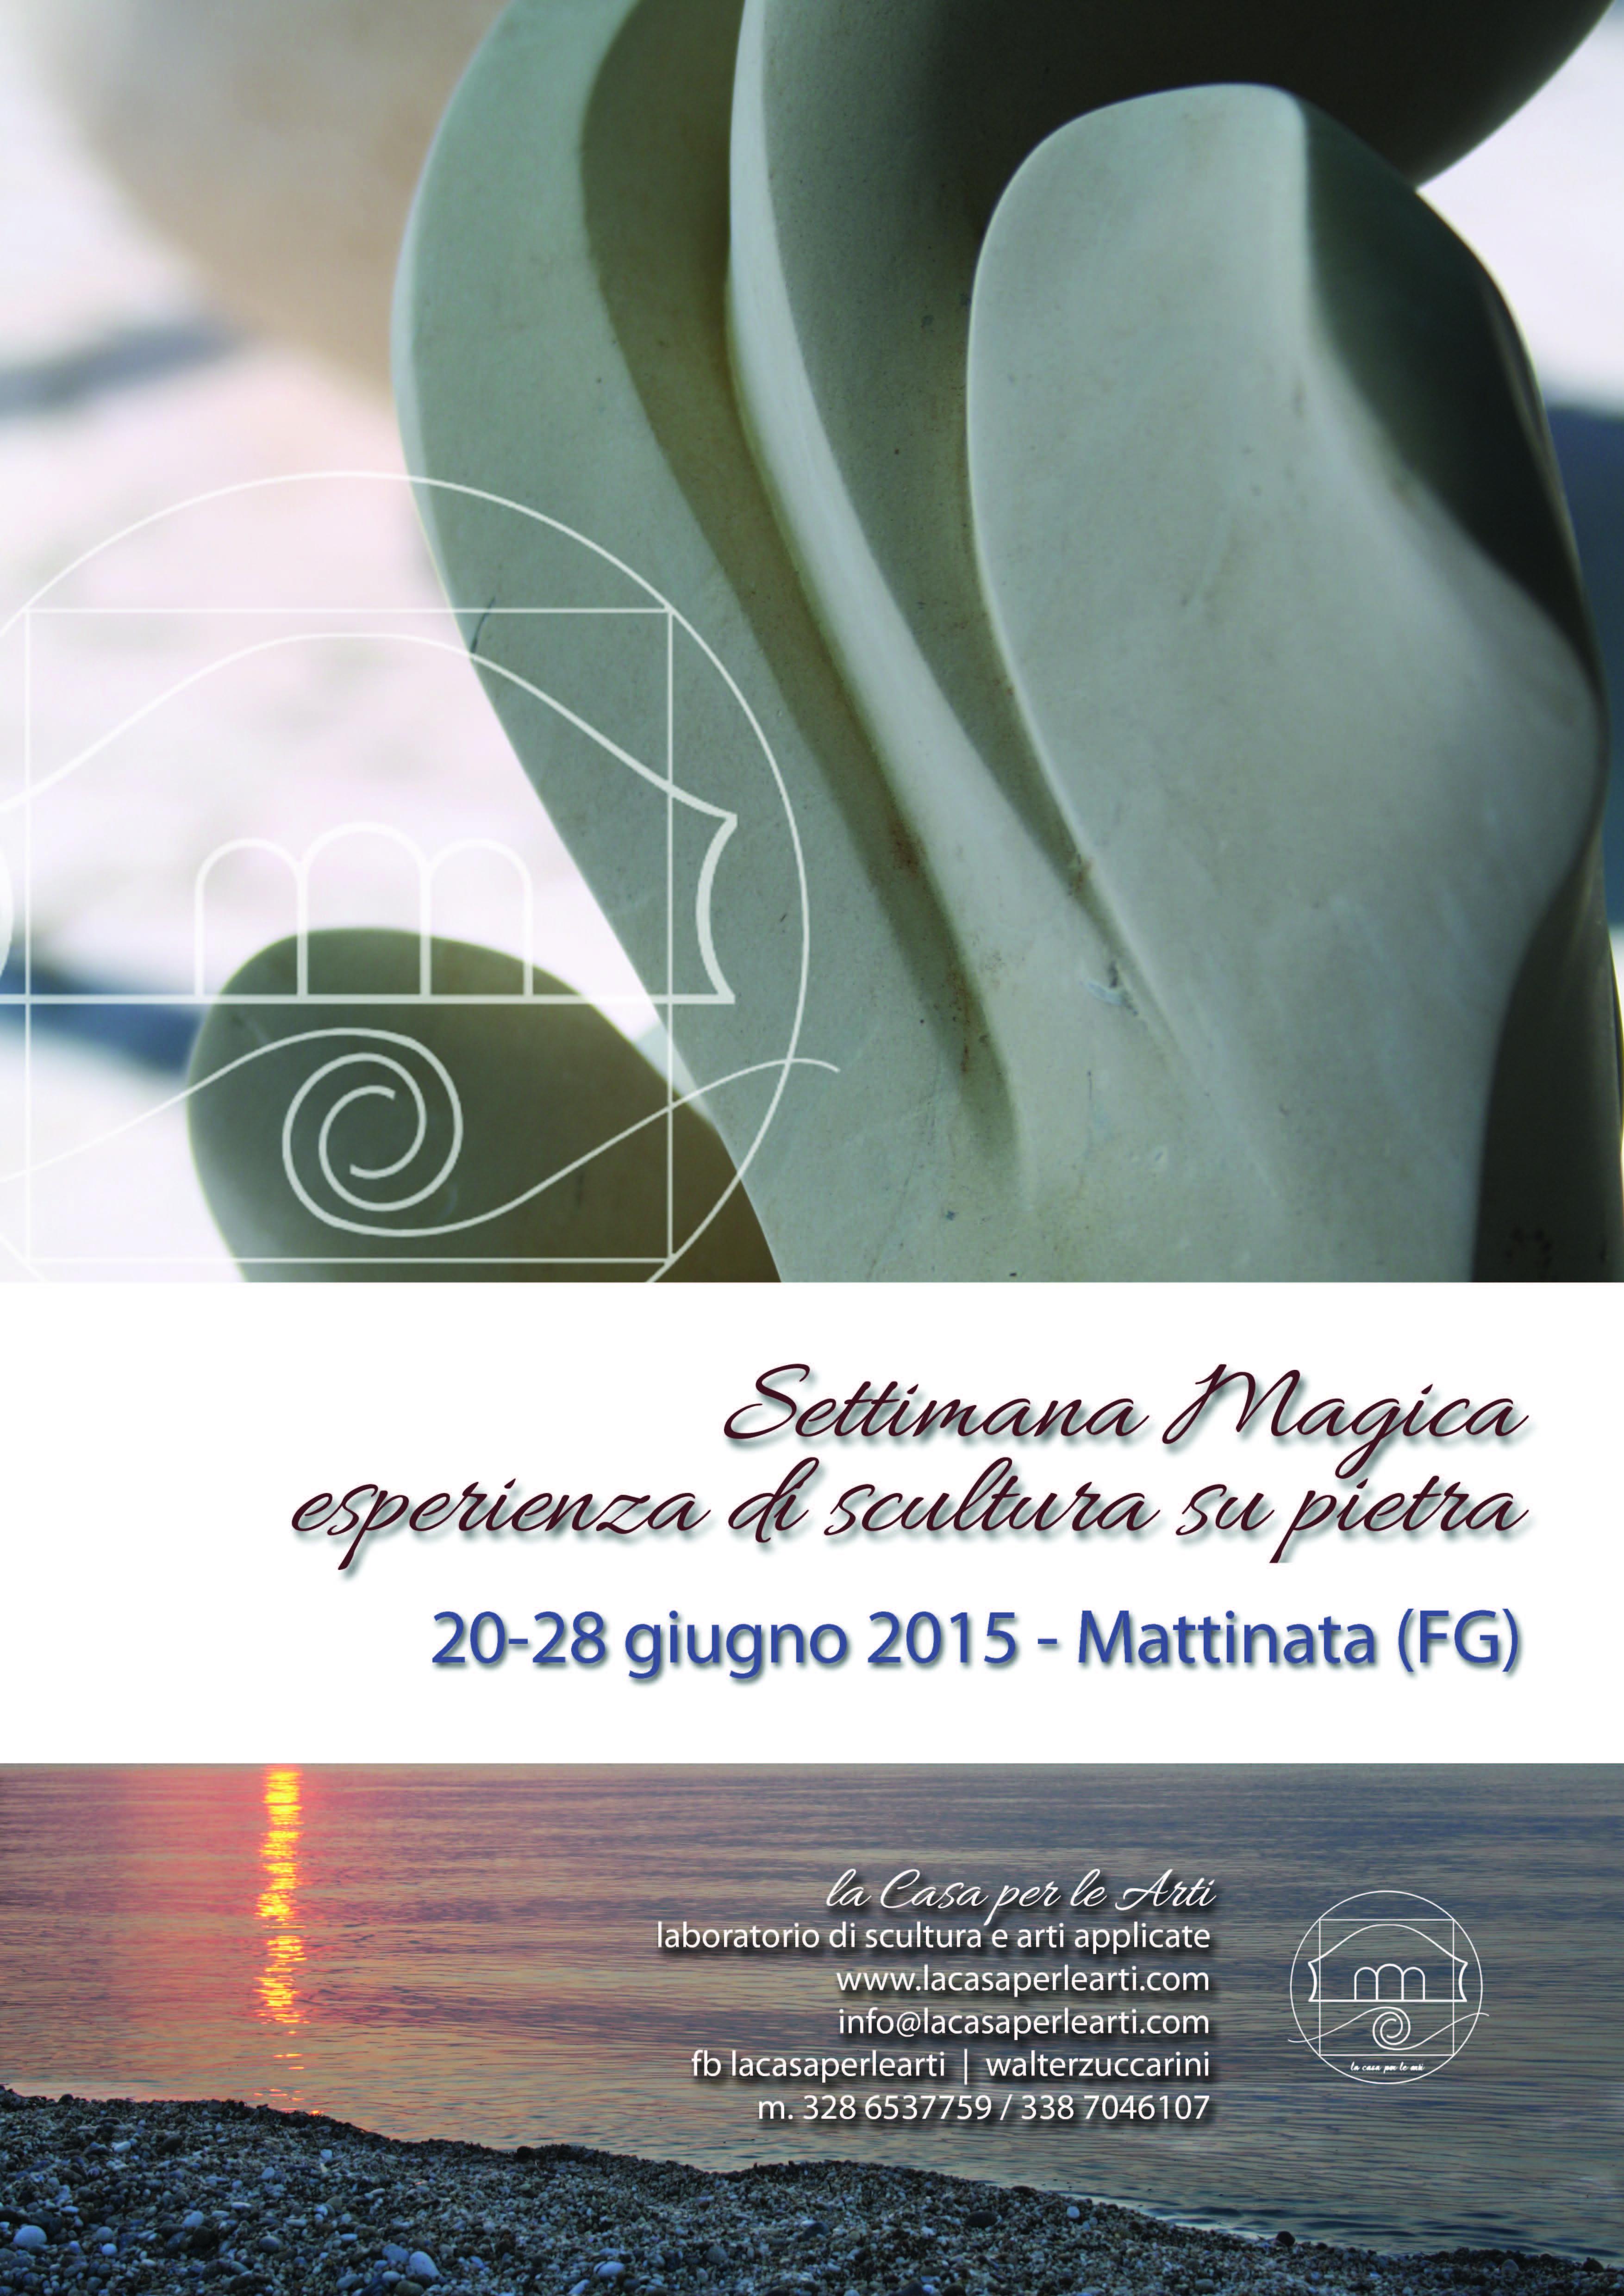 corso scultura mattinata 2015 Settimana magica esperienza di scultura su pietra (20 28 giugno 2015   Mattinata) workshop di scultura corso scultura corso di scultura